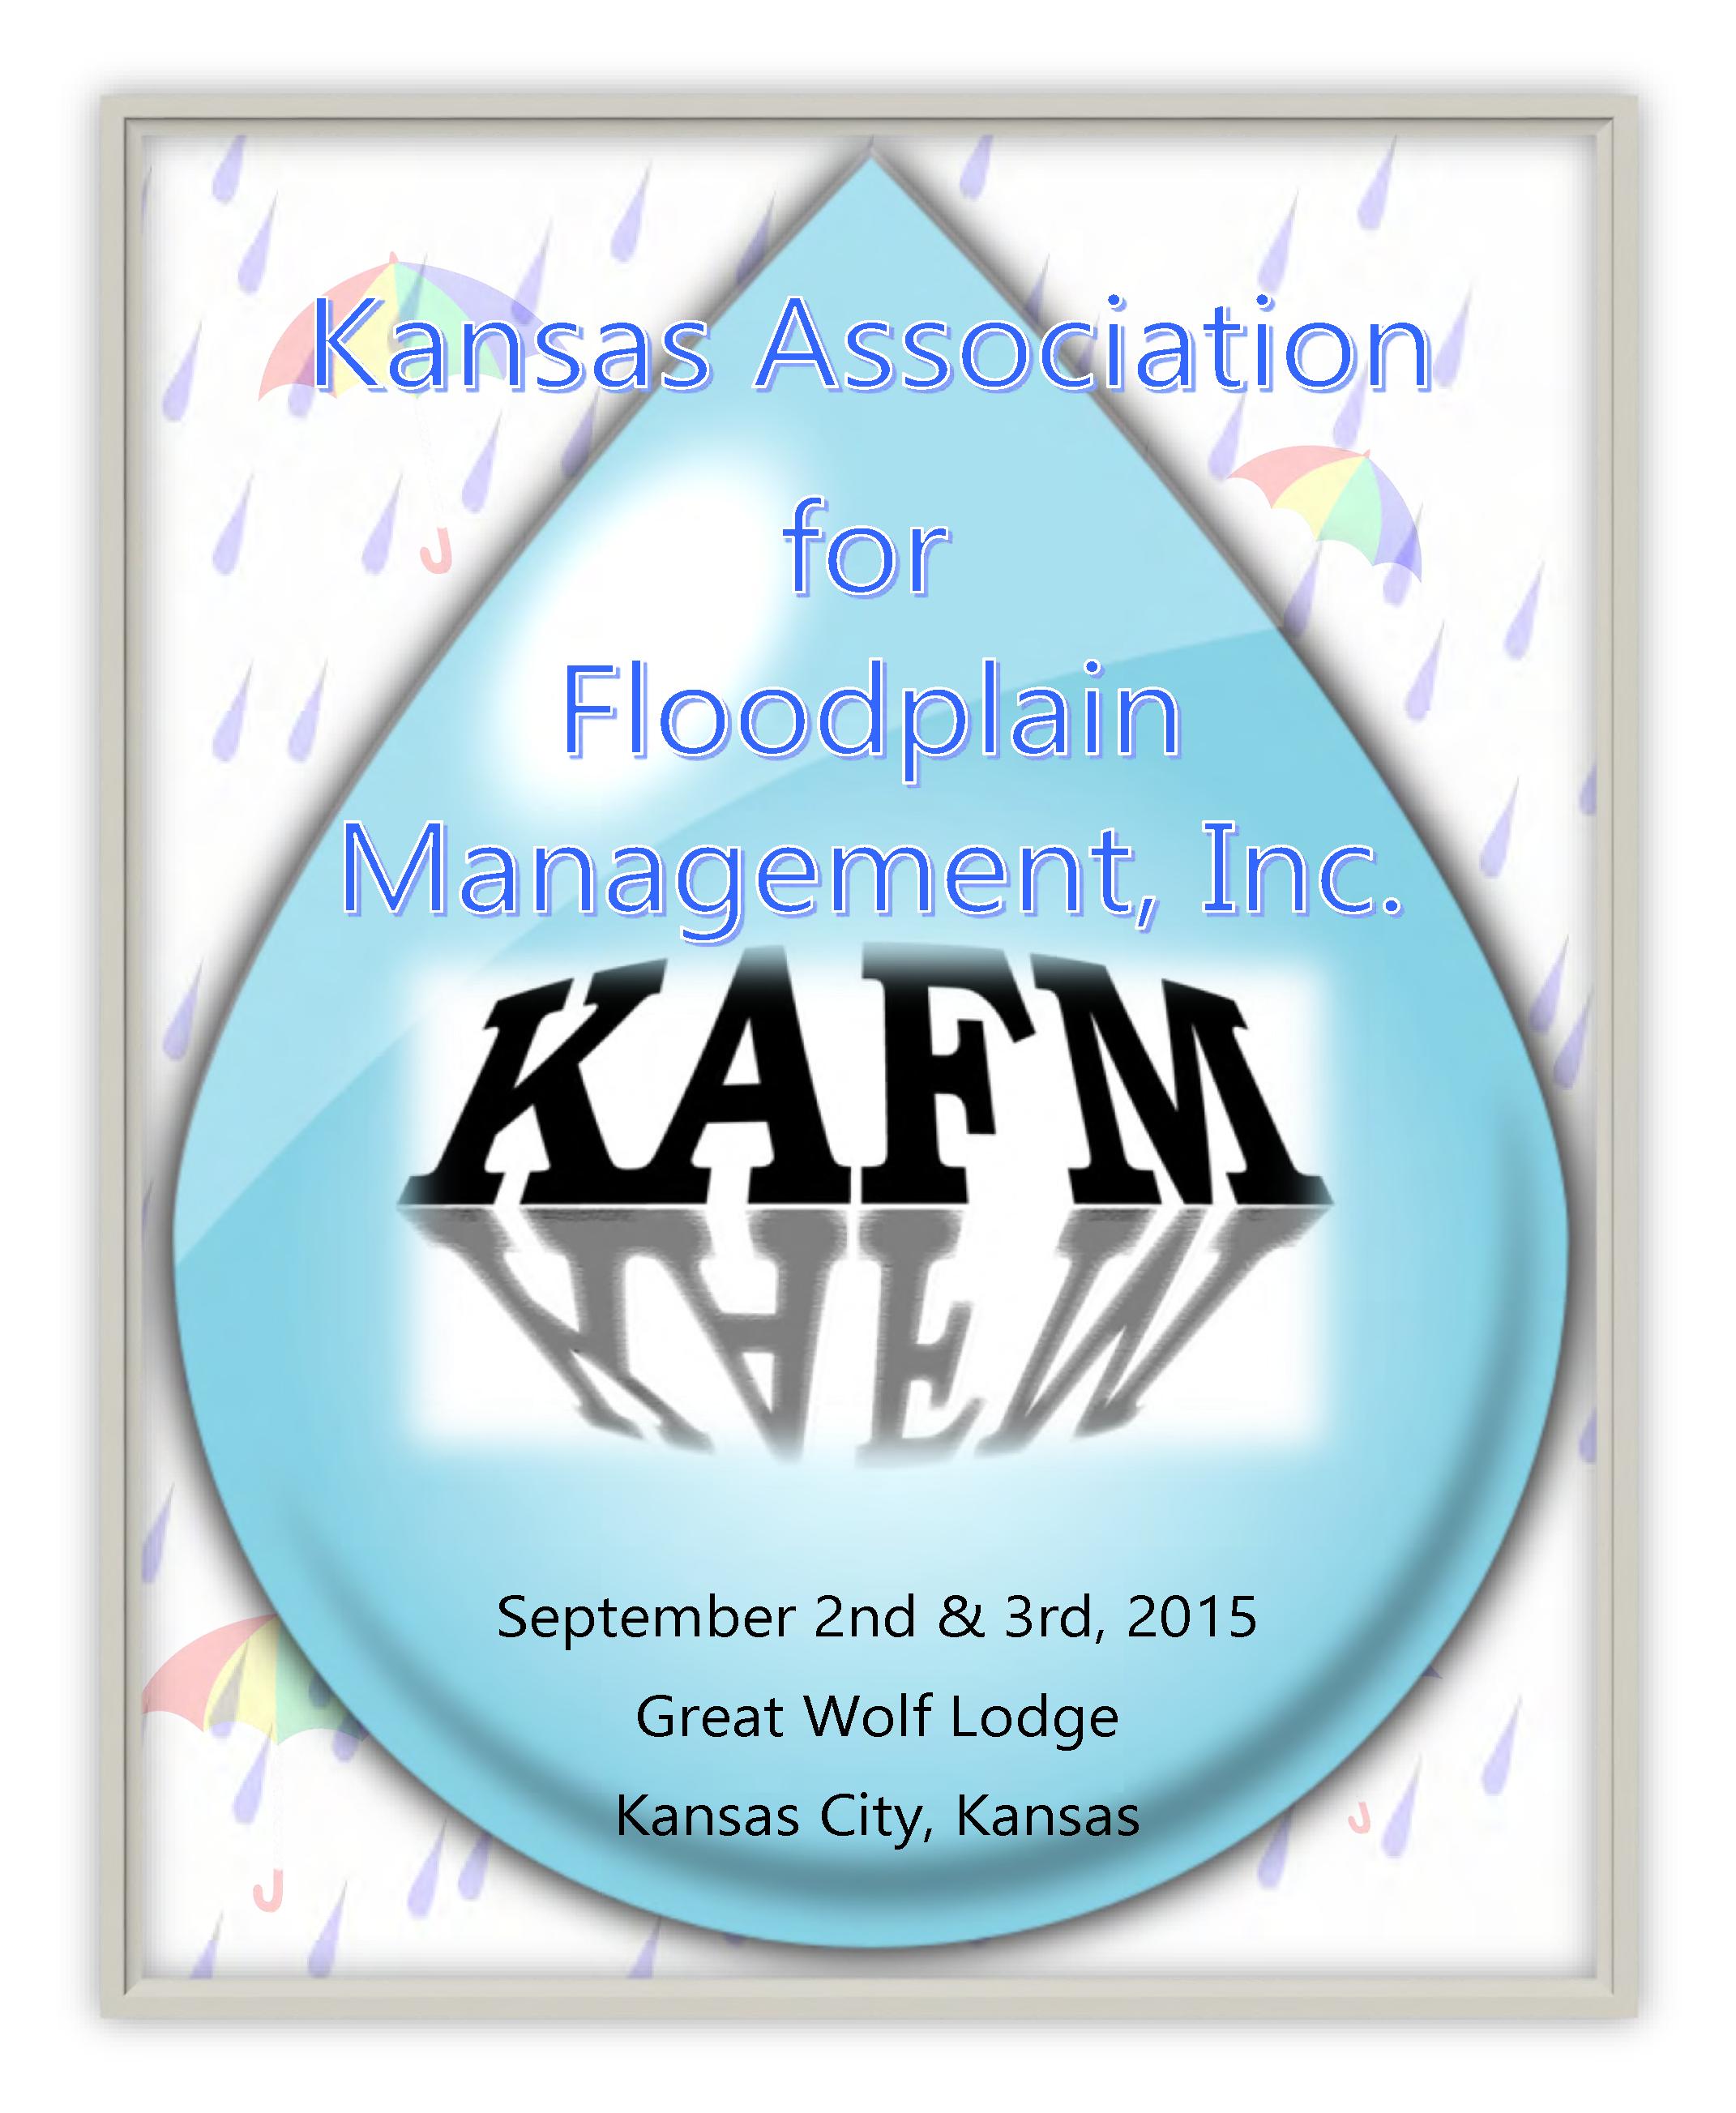 2015 KAFM Program Cover